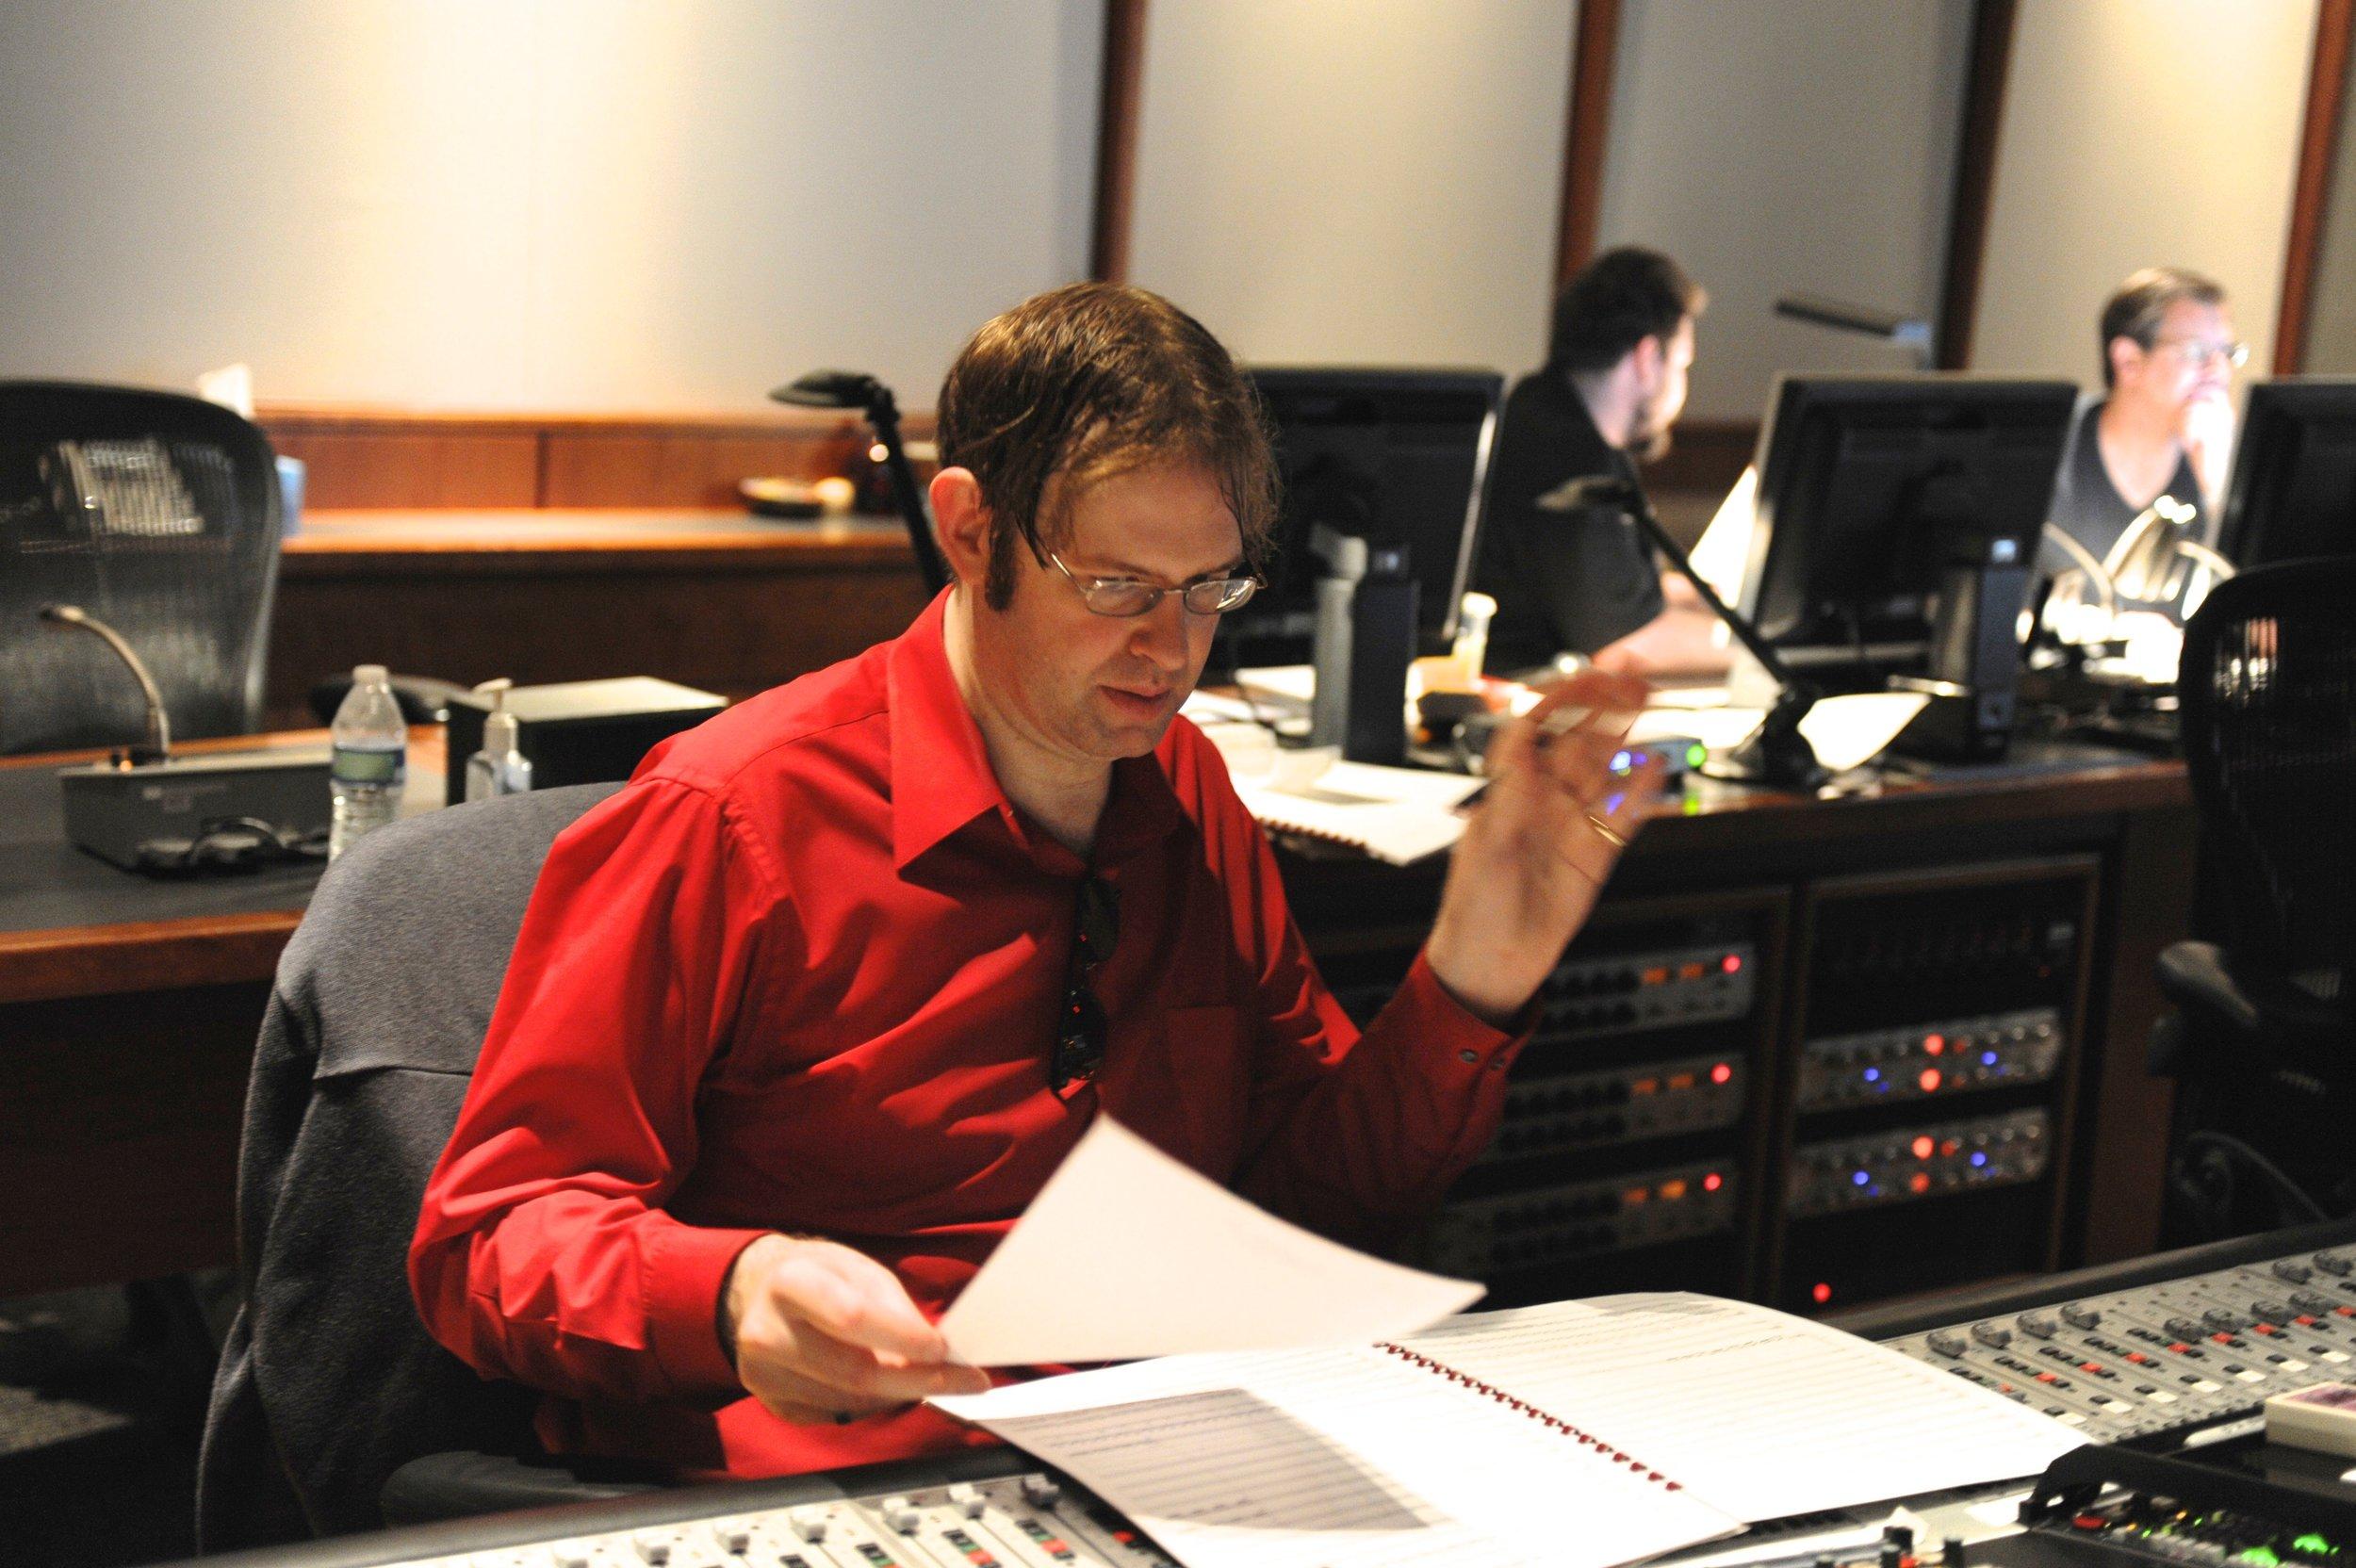 Kaska Recording at Warner Bros.